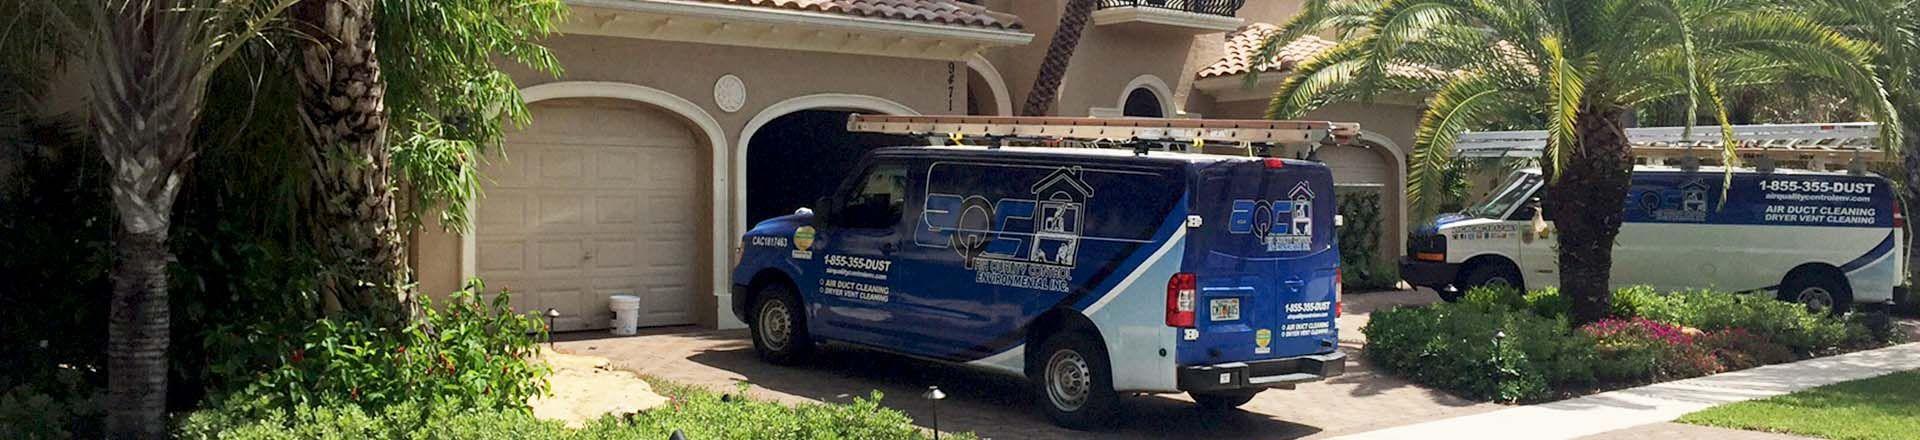 85298113599ae491e5edddb6963e034e - Dryer Vent Cleaning Palm Beach Gardens Fl